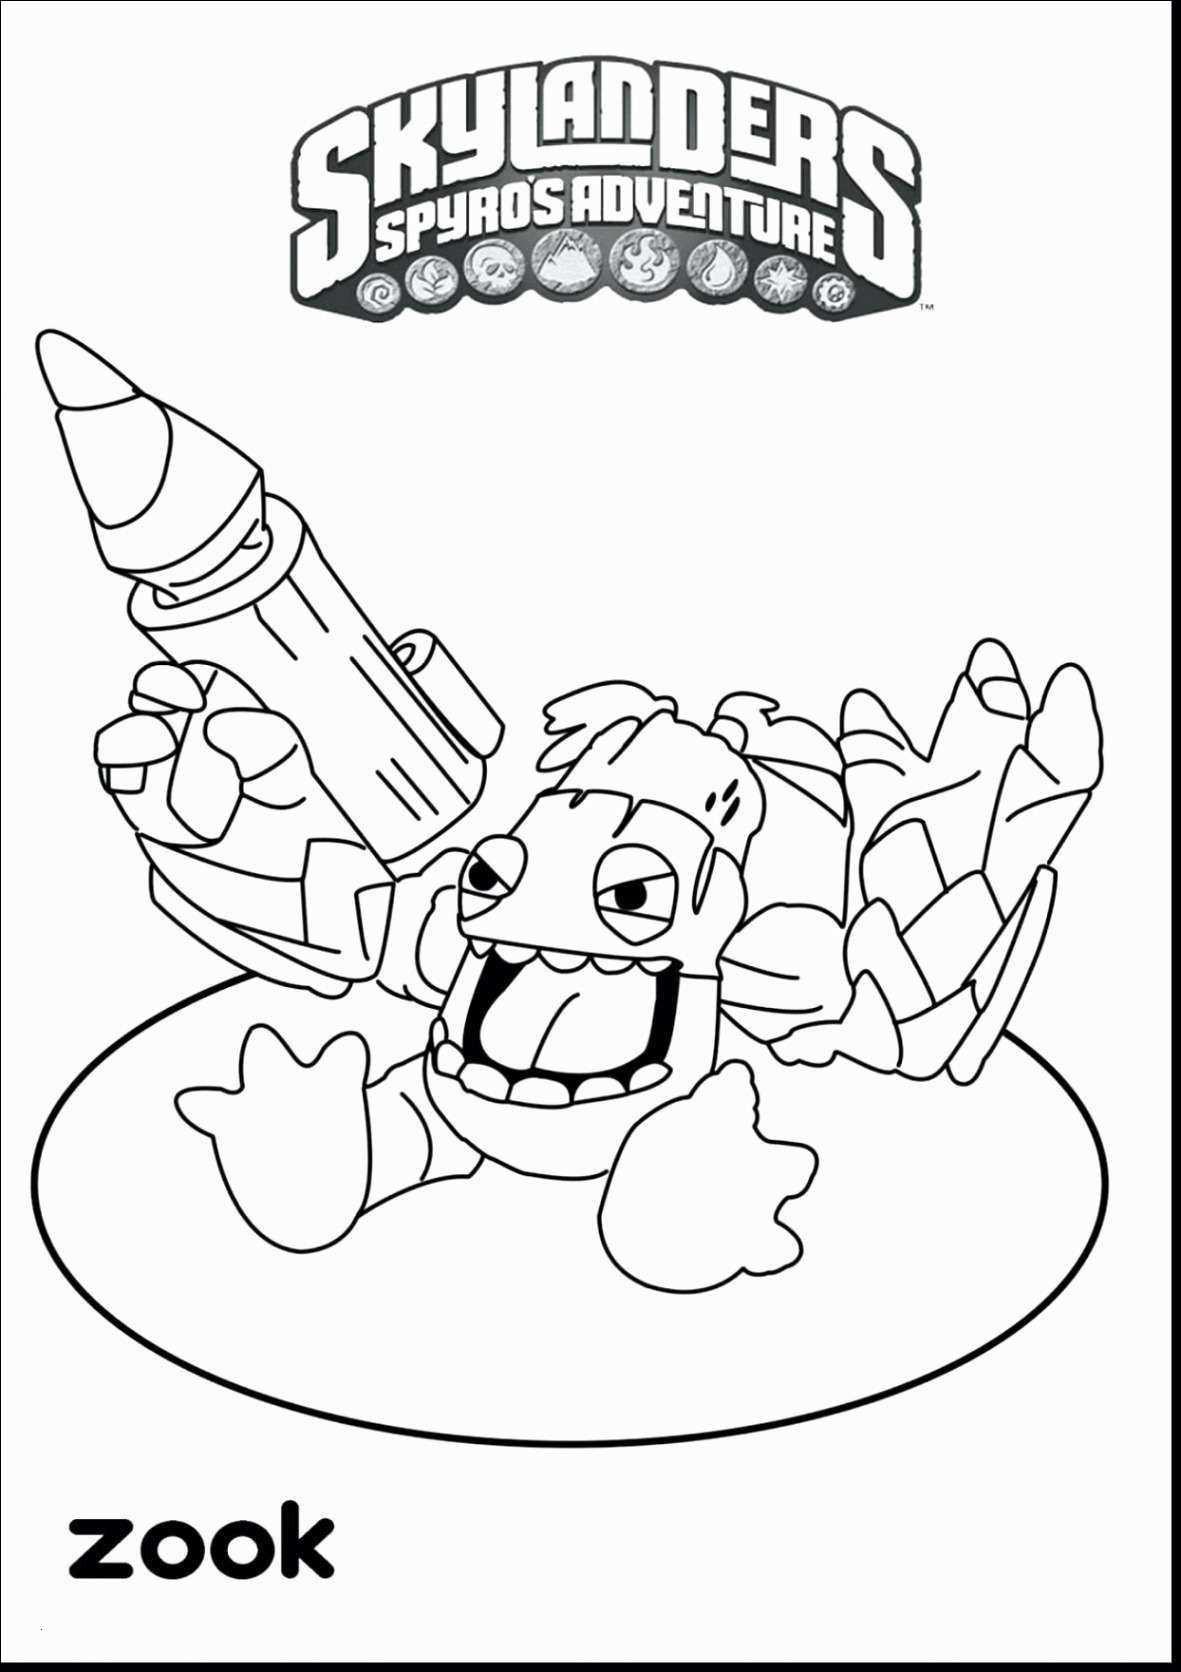 Ausmalbilder Monster High Frankie Stein Inspirierend Ausmalbilder Monster Ag Vorstellung 35 Minecraft Malvorlagen Fotografieren